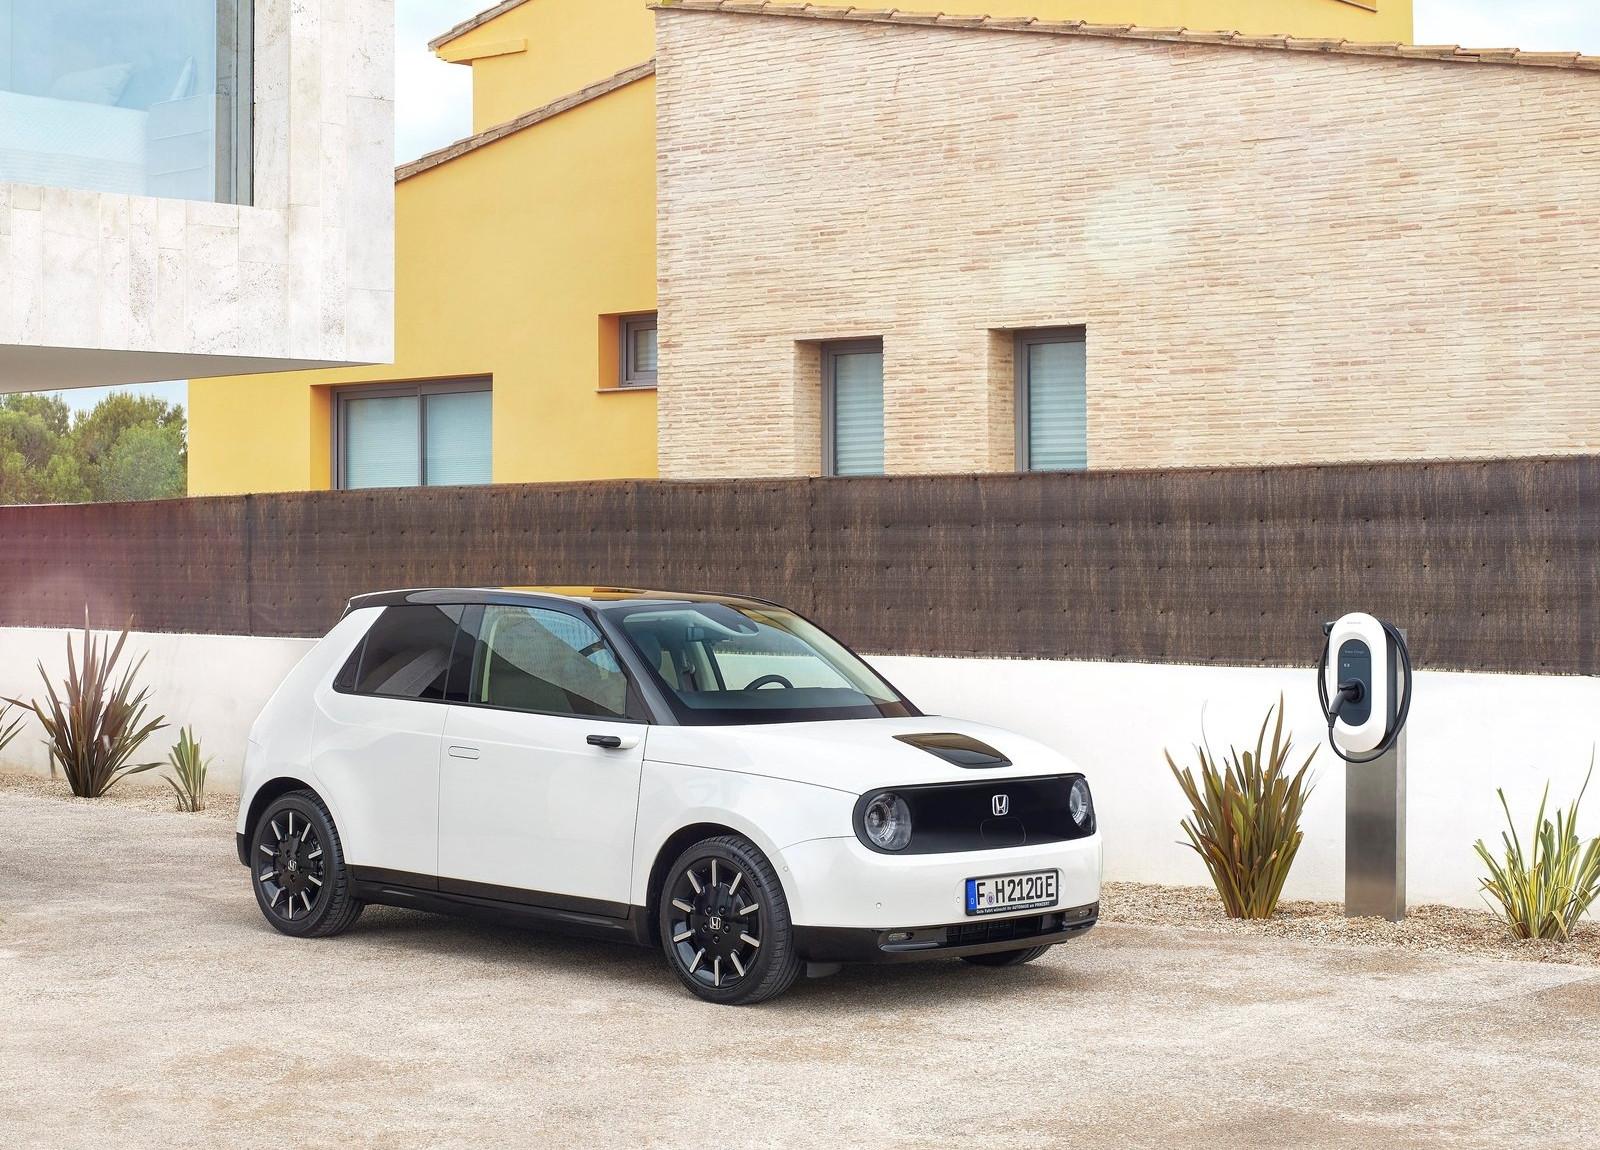 Cele mai ieftine masini electrice care se vand acum in Romania. Plus: ce autonomie are fiecare in parte - Cele mai ieftine masini electrice care se vand acum in Romania. Plus: ce autonomie are fiecare in parte